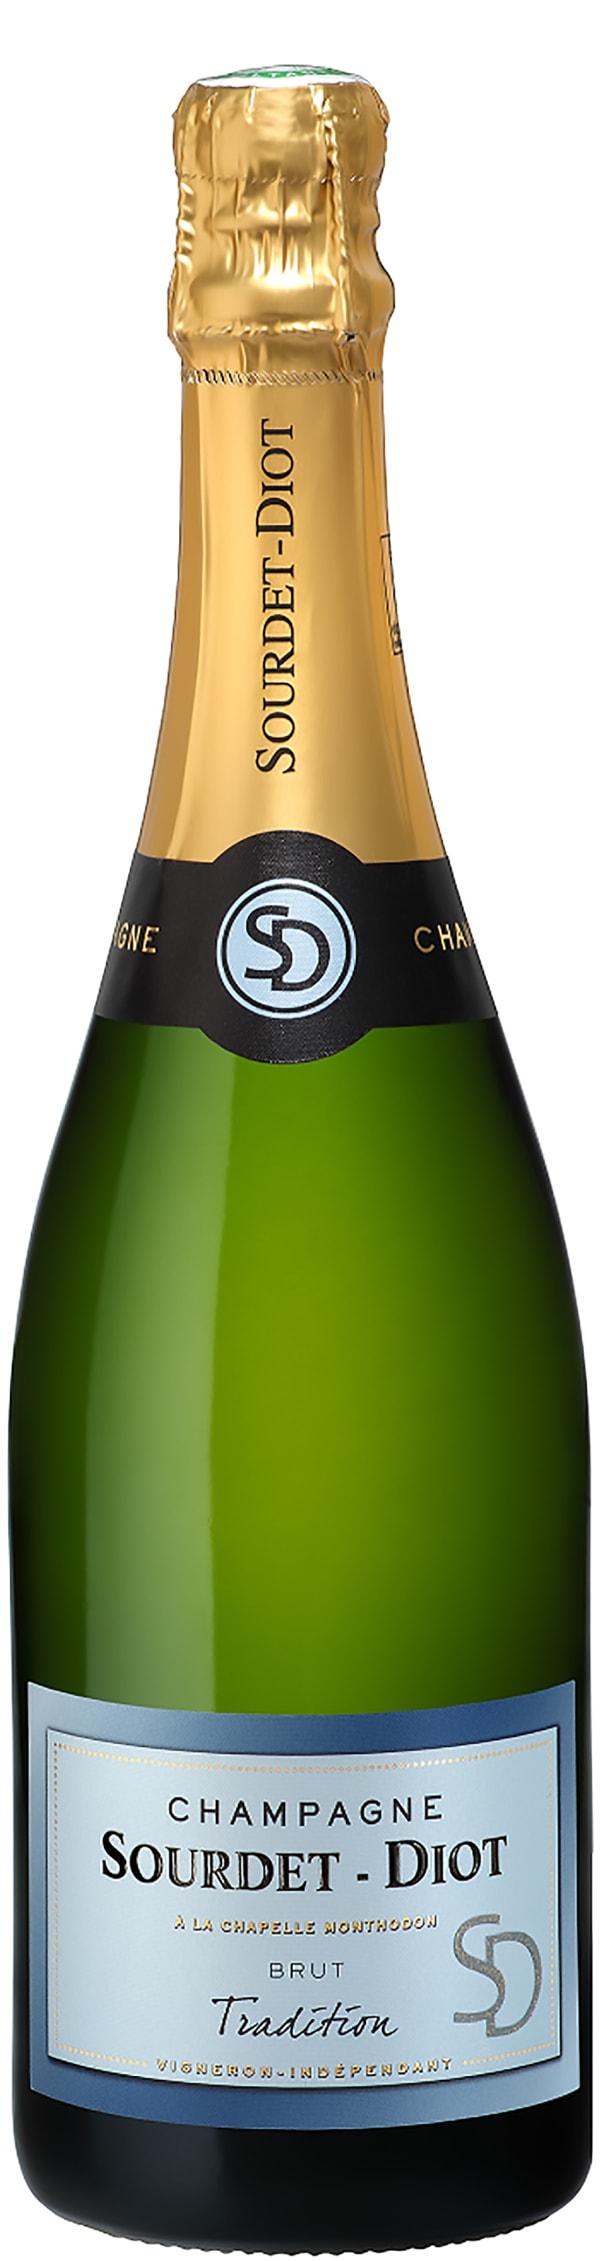 Sourdet - Diot Champagne Brut